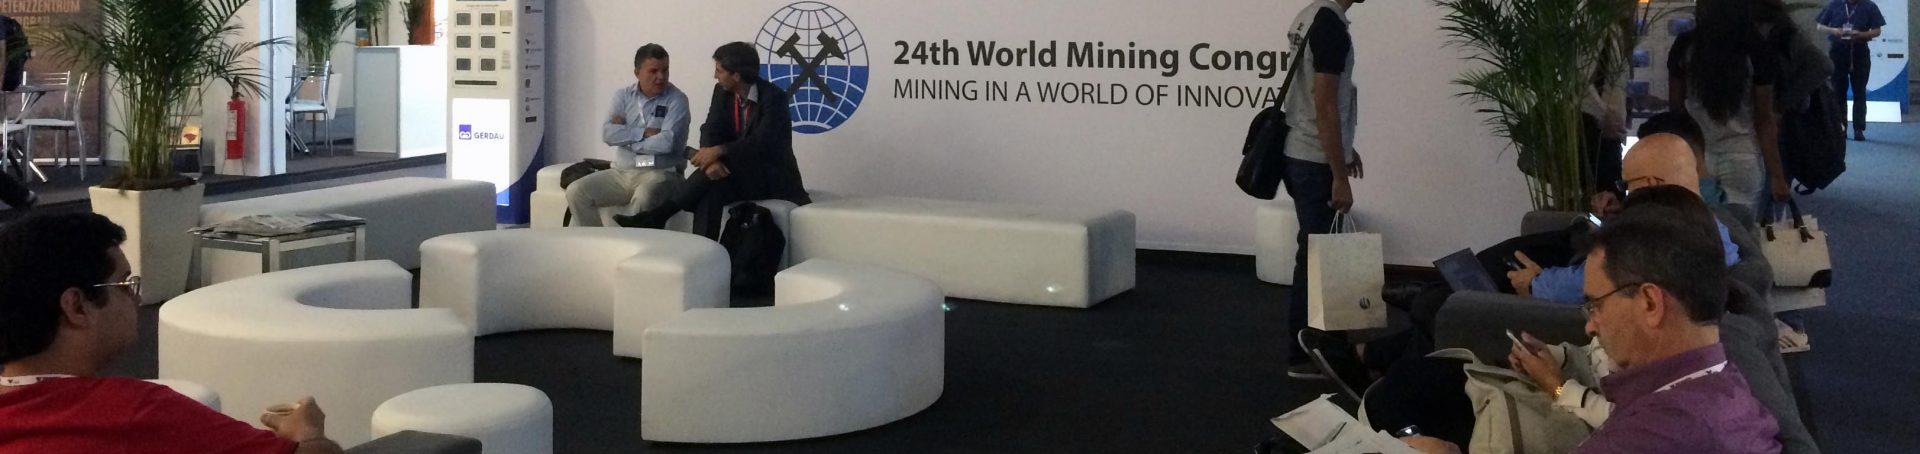 Evento ocorreu no Rio de Janeiro, com presença dos direitos das mais importantes mineradoras do mundo